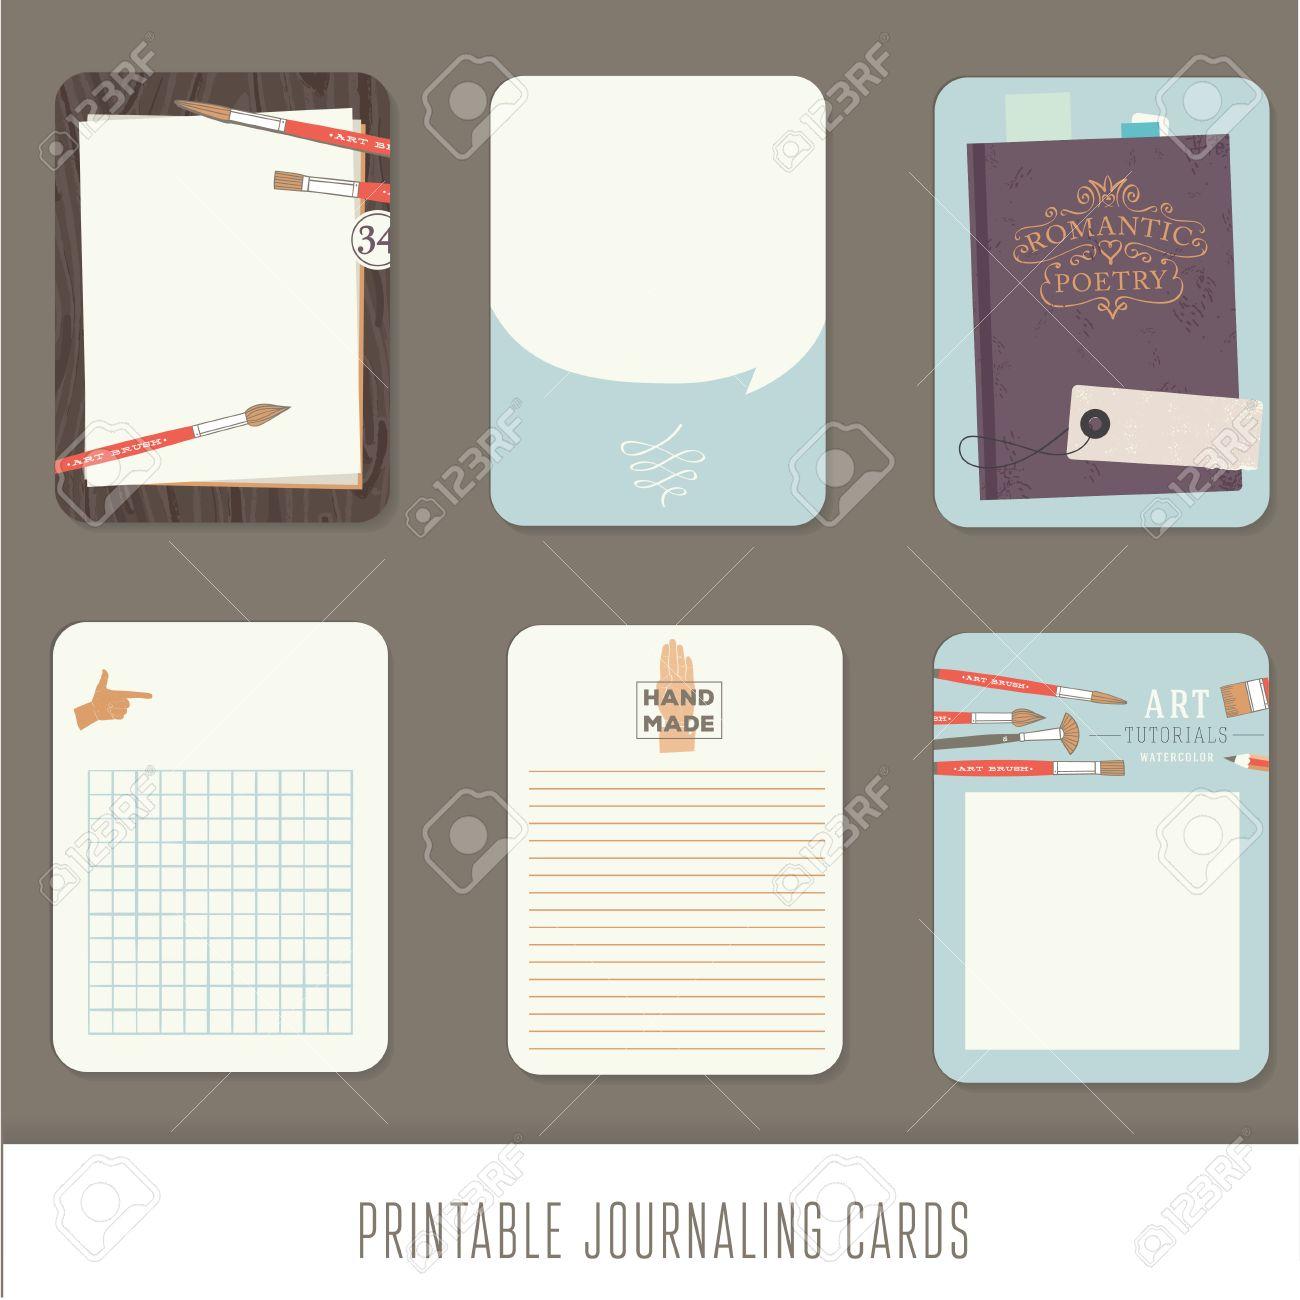 ジャーナル カードノートシールラベルタグのかわいい装飾的な